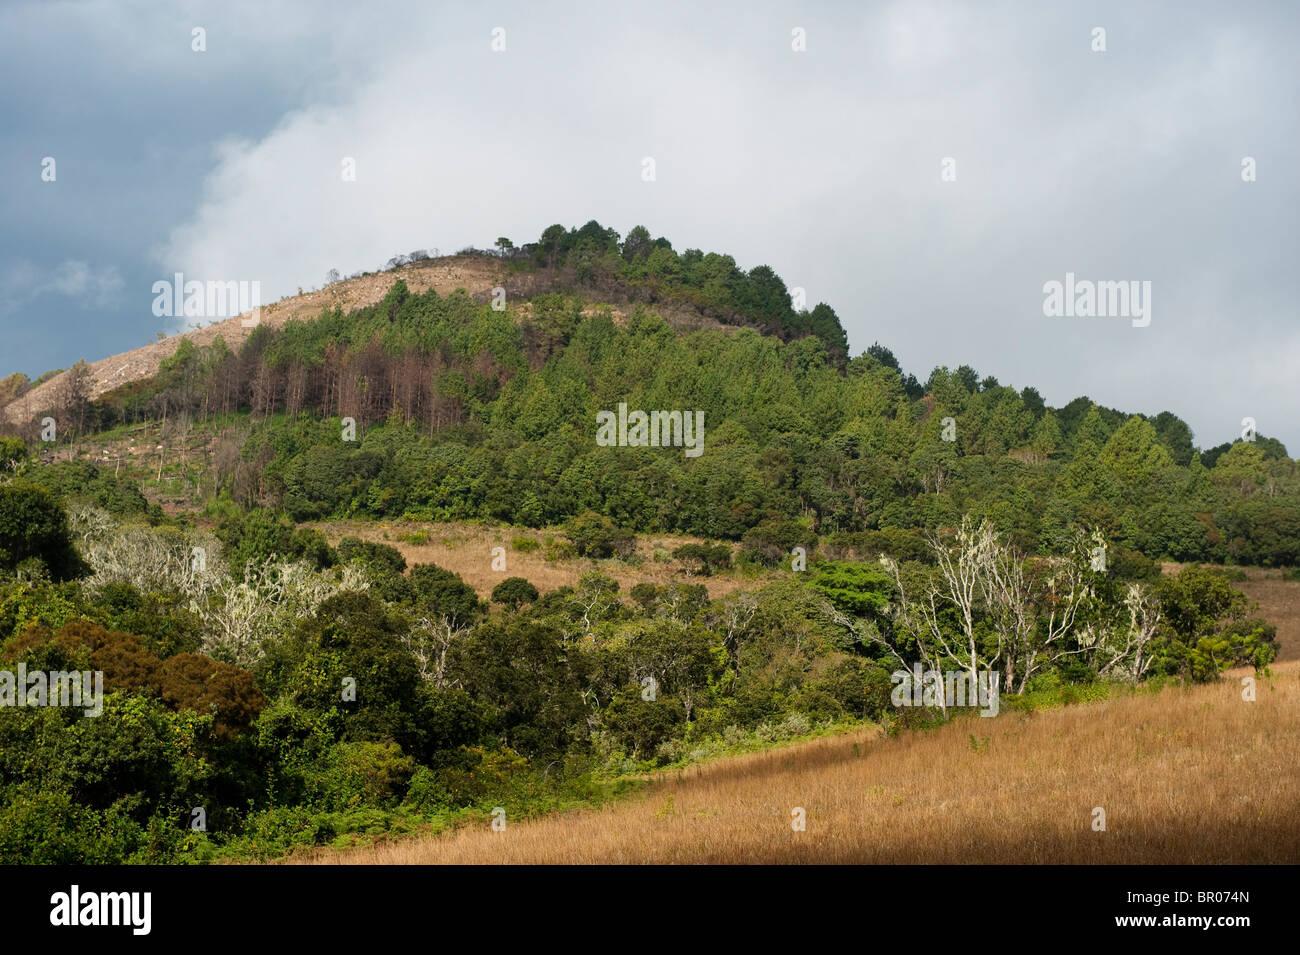 Zomba plateau, Malawi - Stock Image